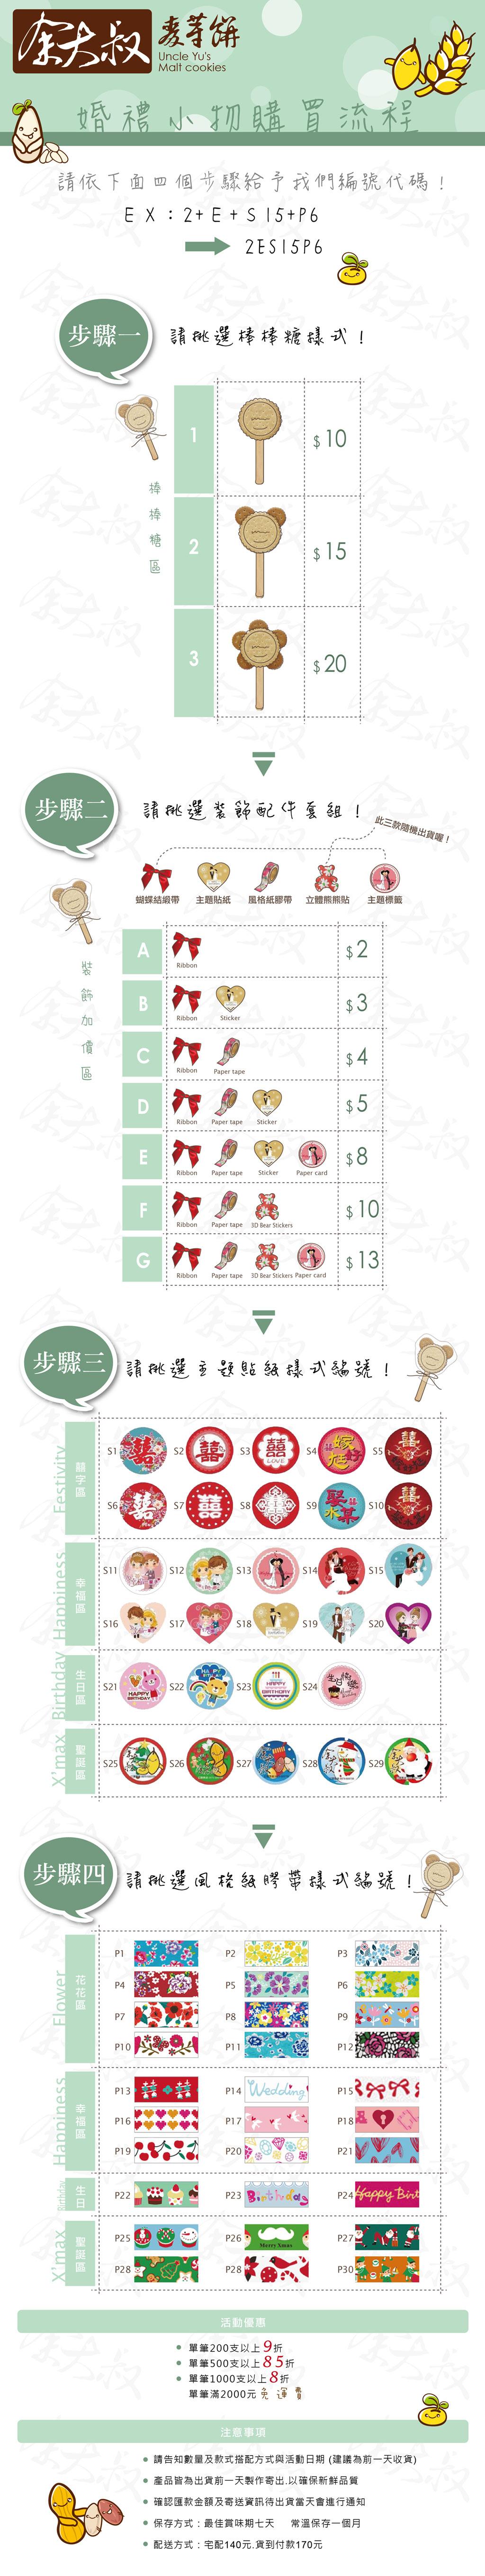 n-menu.jpg